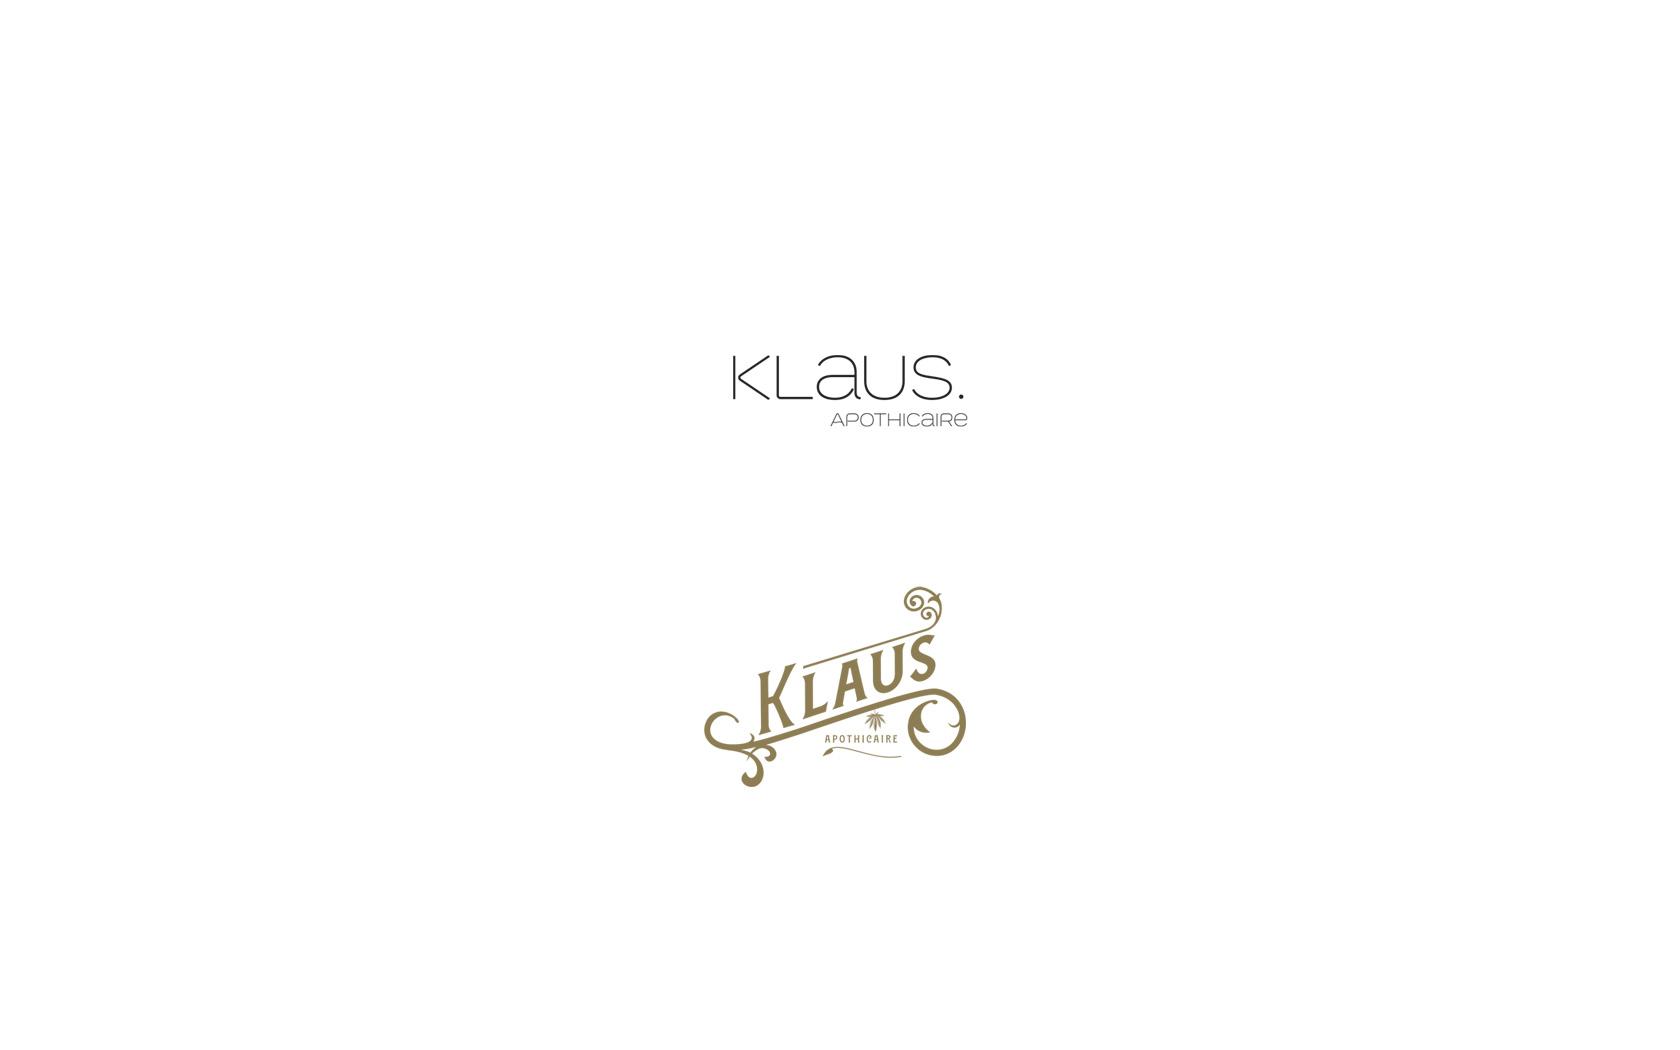 KLAUS_APOTHICAIRE_X_MAMUS_3